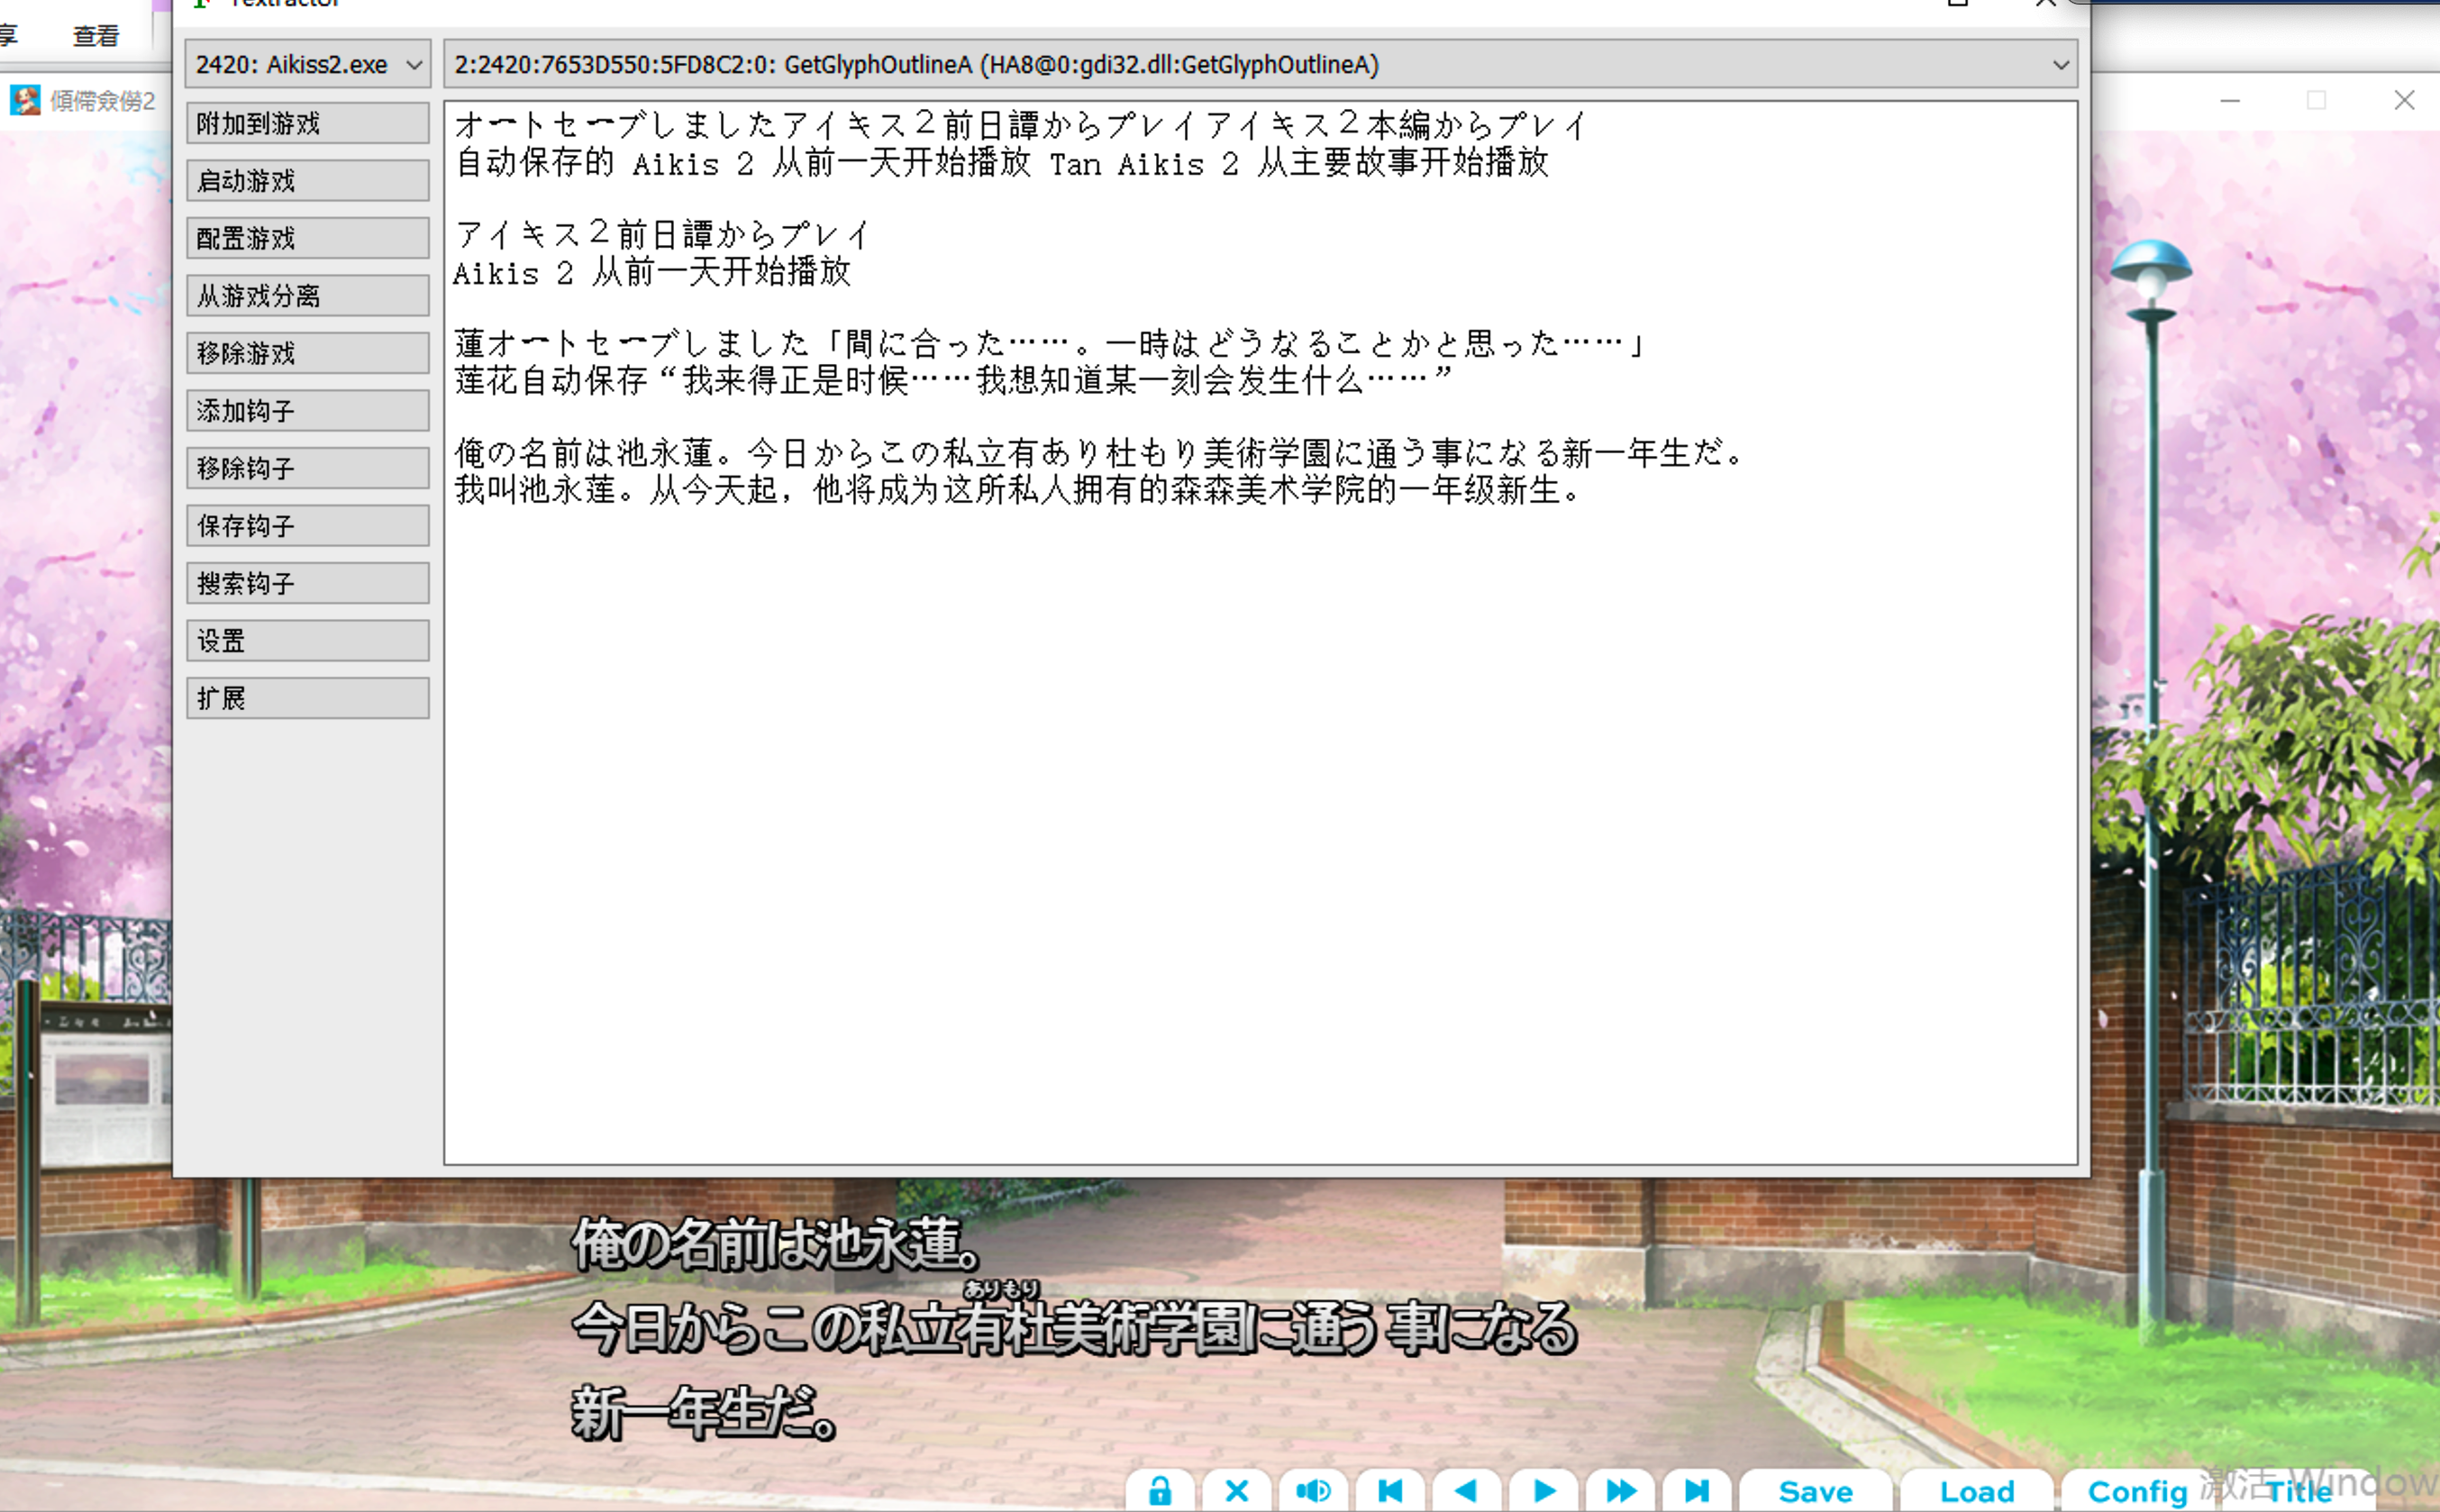 [生肉/PC/ADV] アイキス2 豪華版 無限大エモ!エディション + OST + Extra Disk + Vocal Album[戯画/5.75GB] 8